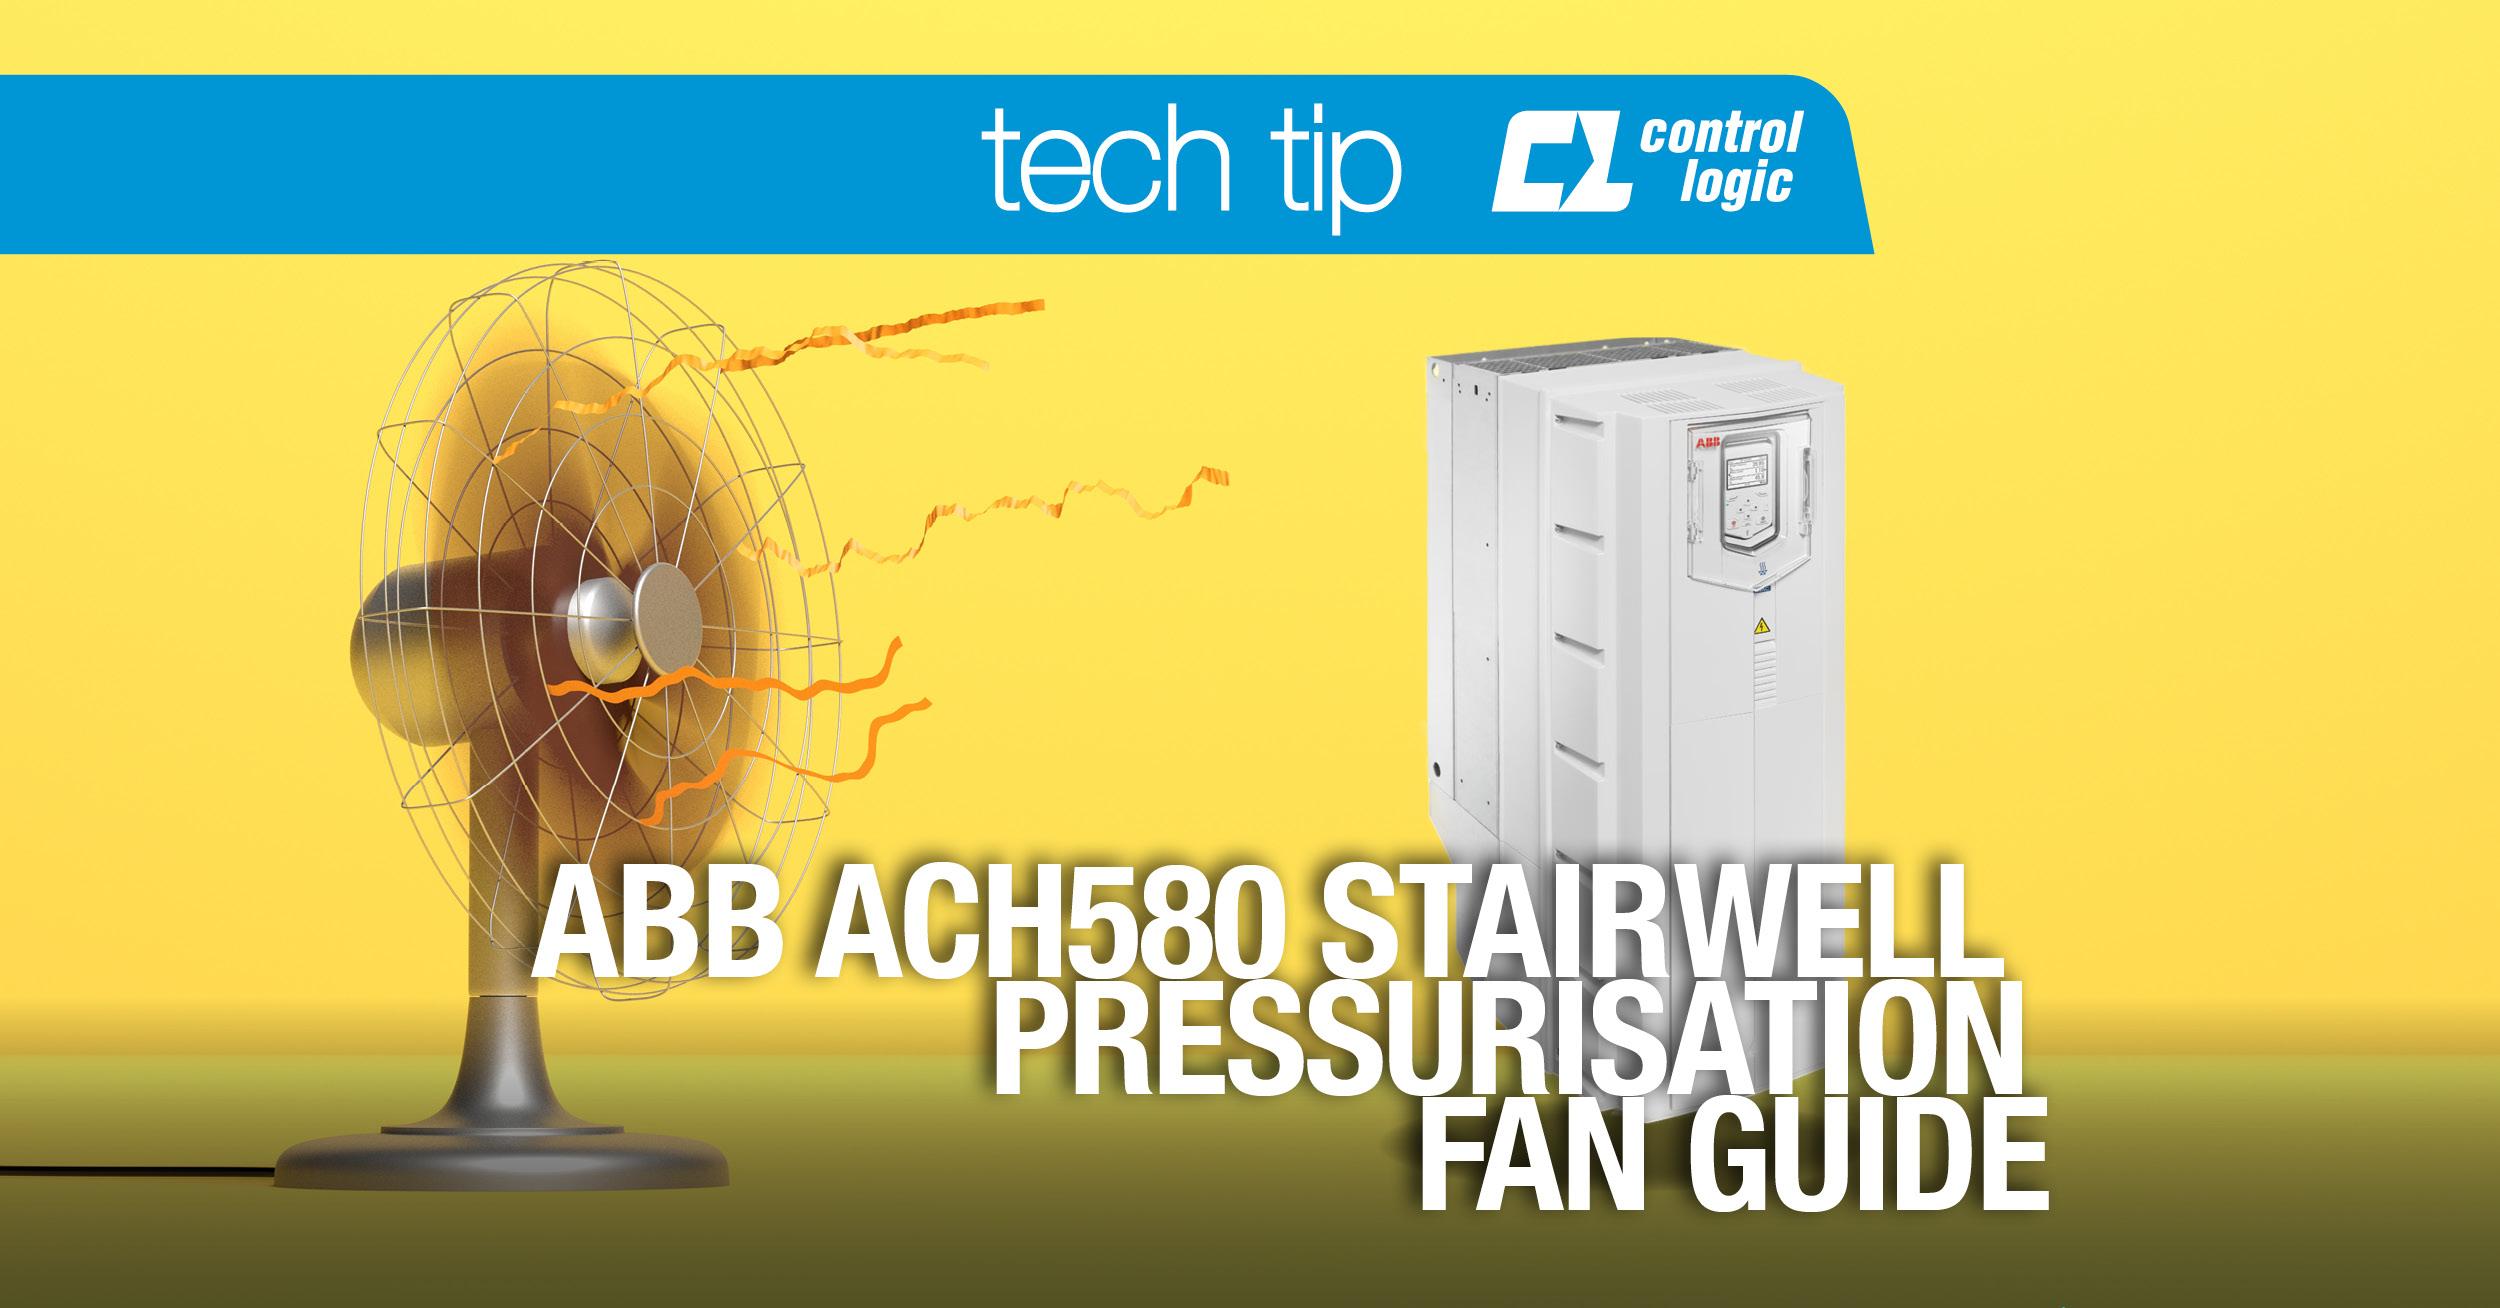 ABB ACH580 Stairwell Pressurisation Fan Guide